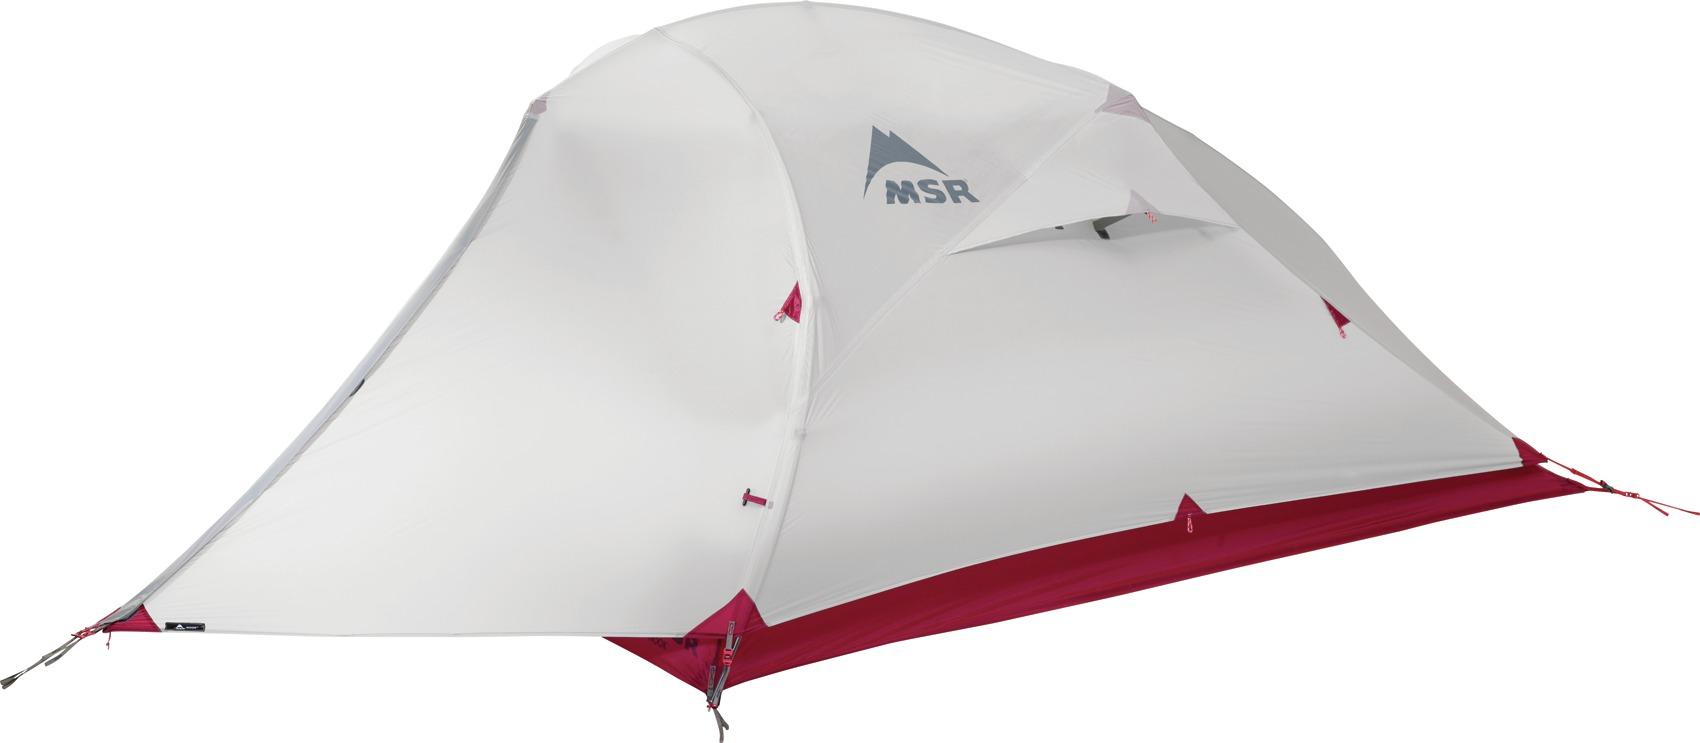 Tente Nook, coloris gris prévu pour 2015